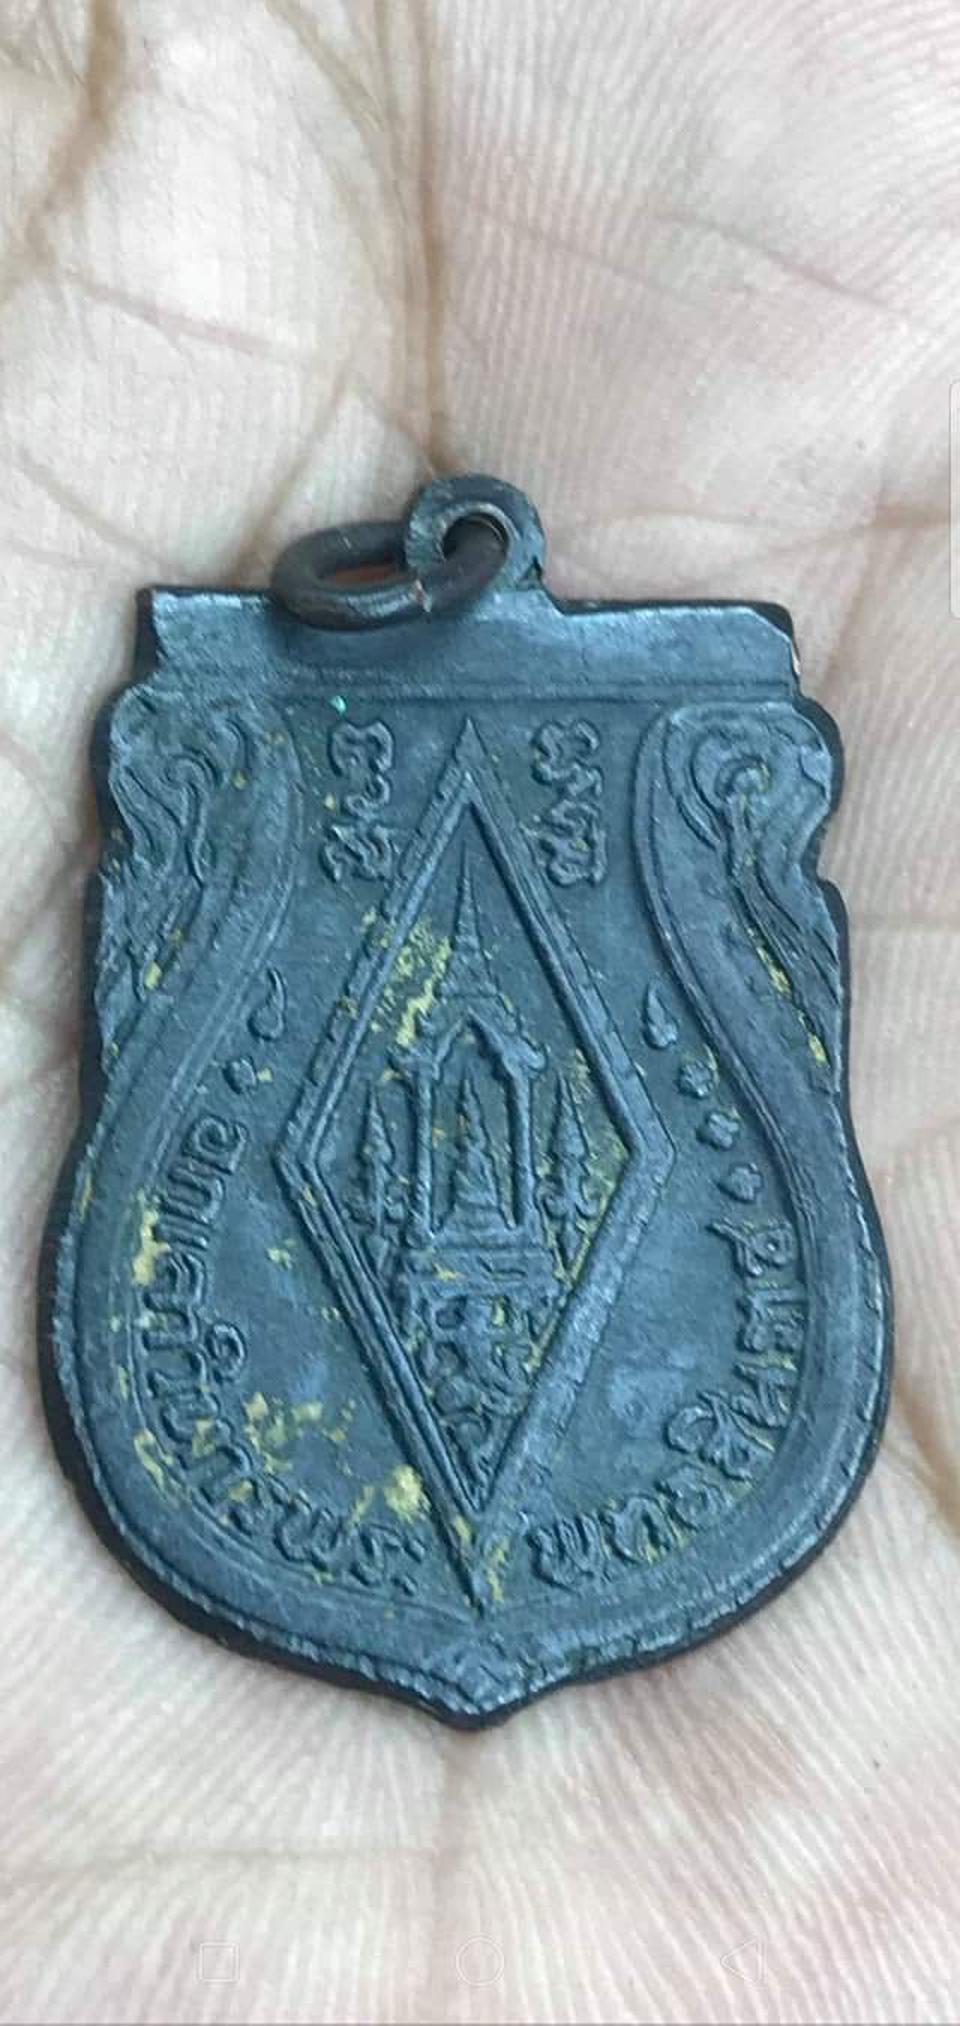 เปิดคับ เหรียญพระพุทธชินราชอินโดจีน รุ่นแรก  (บล็อคนิยม)  รูปที่ 2